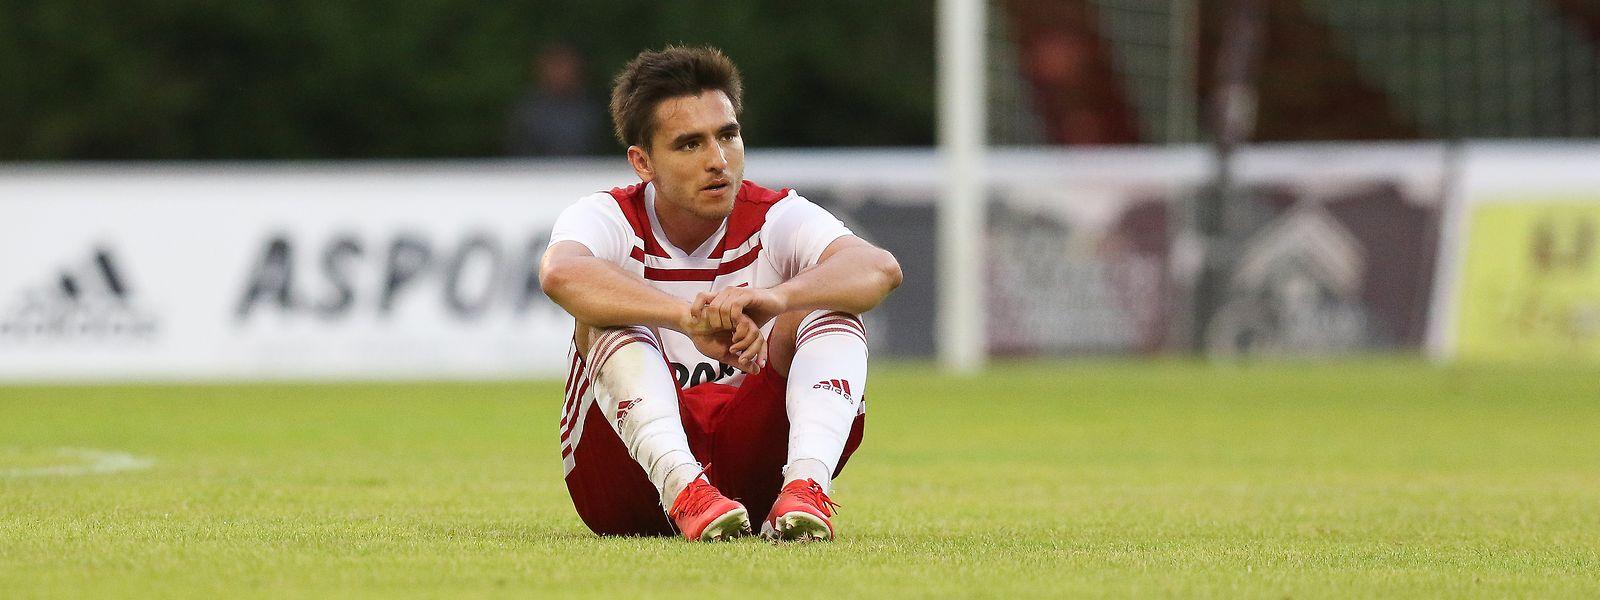 Cédric Sacras est incrédule sur le pelouse du Fola. Le club doyen a sans doute ruiné ses chances de qualification.